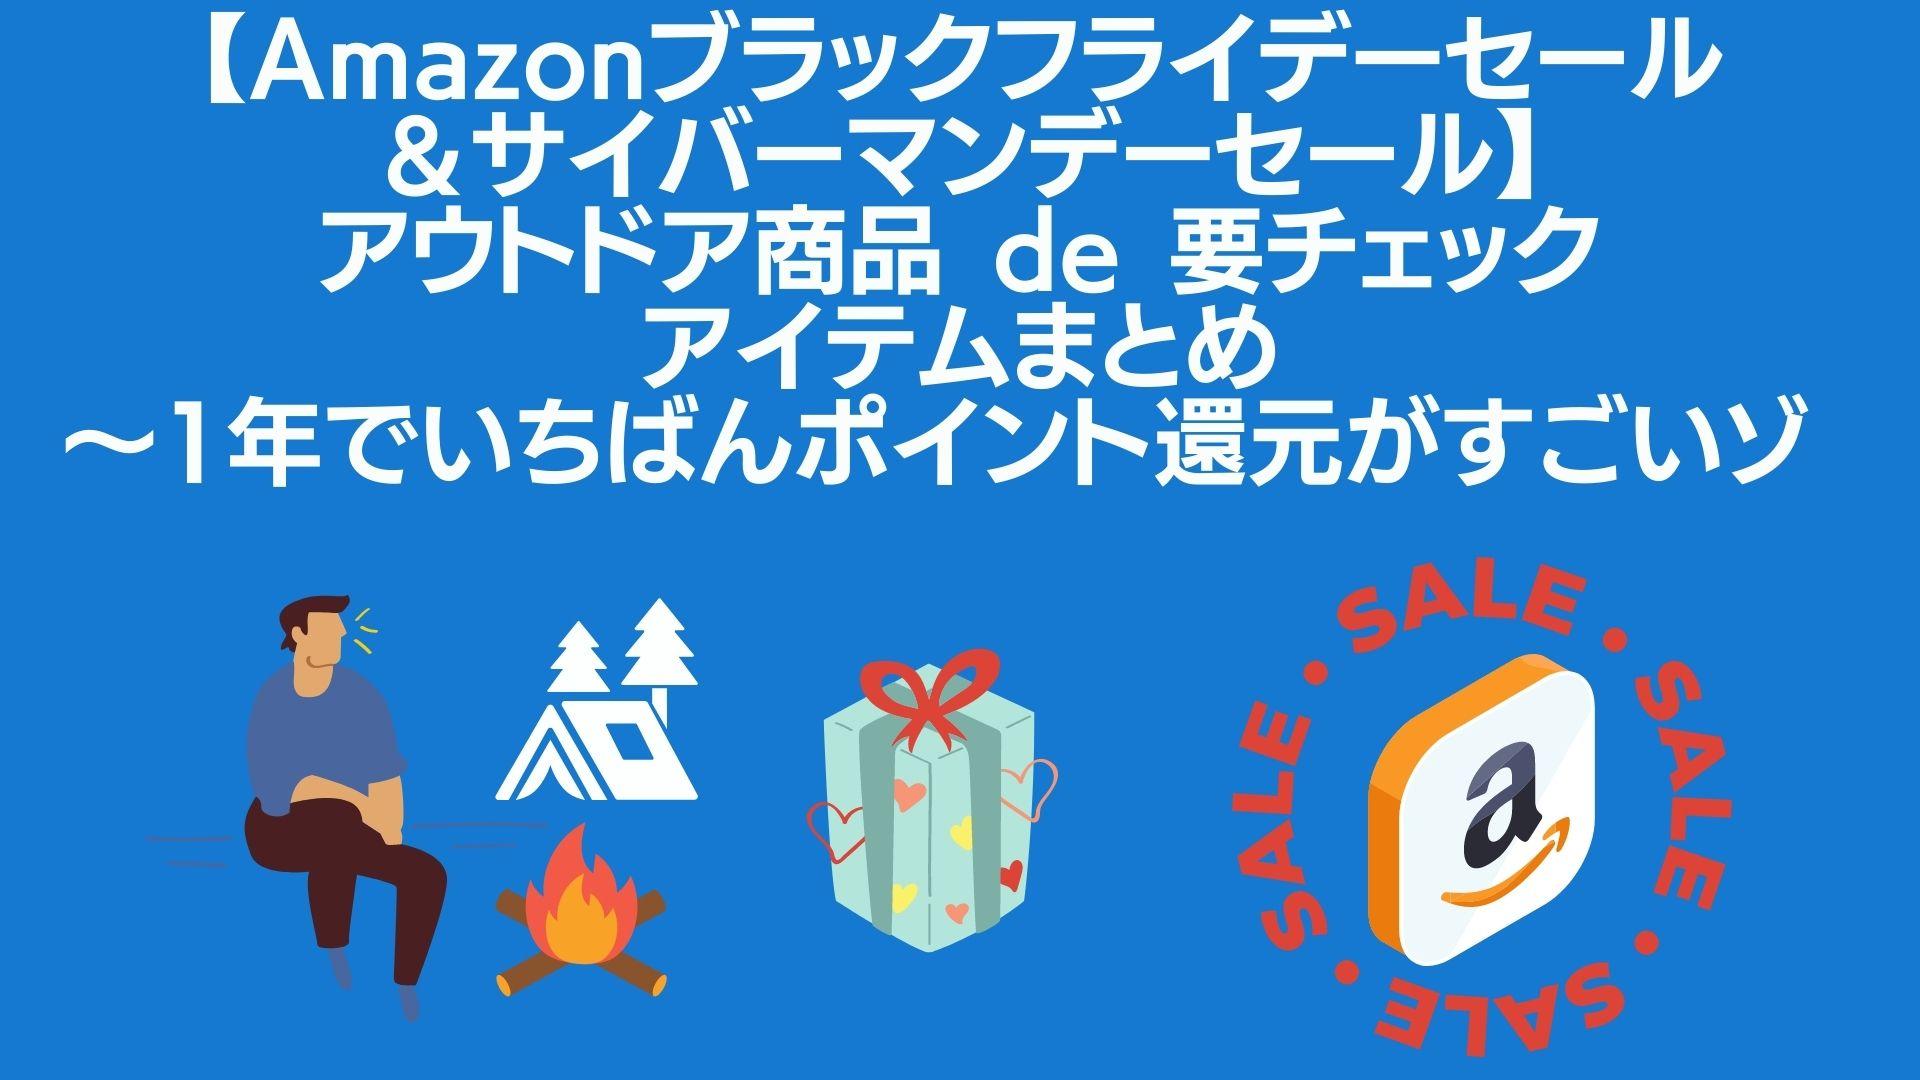 【Amazonブラックフライデーセール&サイバーマンデーセール】アウトドア商品 de 要チェックアイテムまとめ〜1年でいちばんポイント還元がすごいゾ